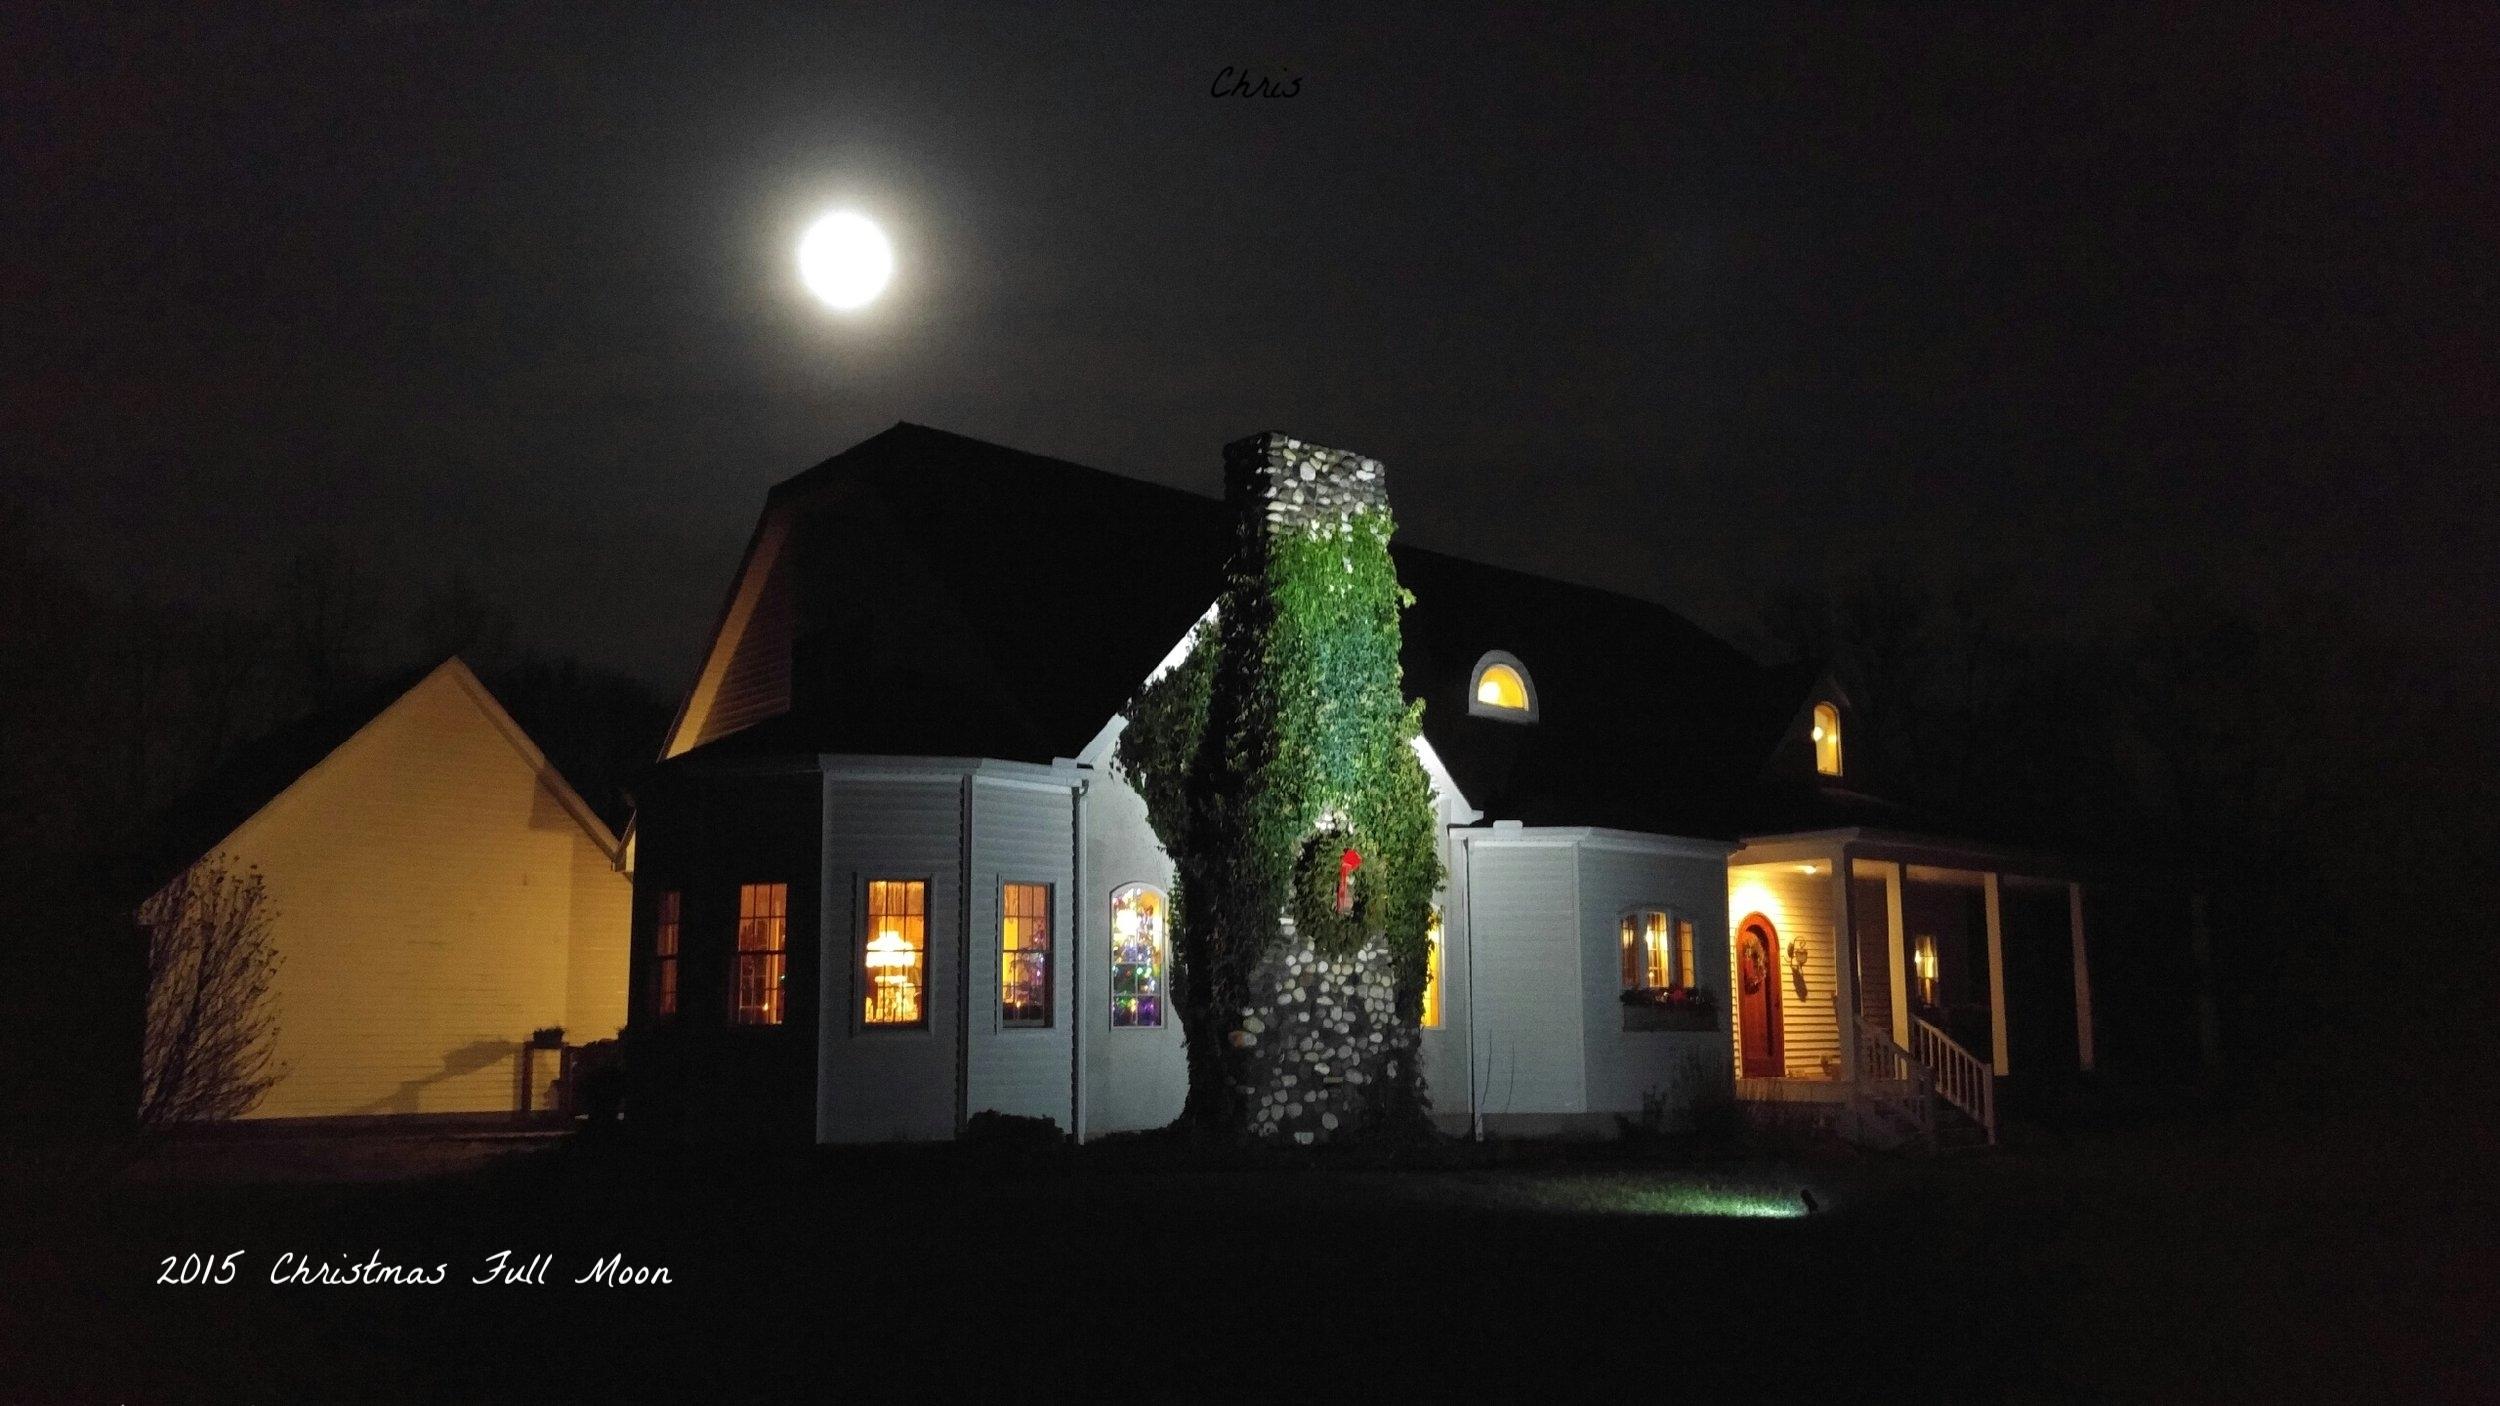 2015 Christmas Full Moon.jpg